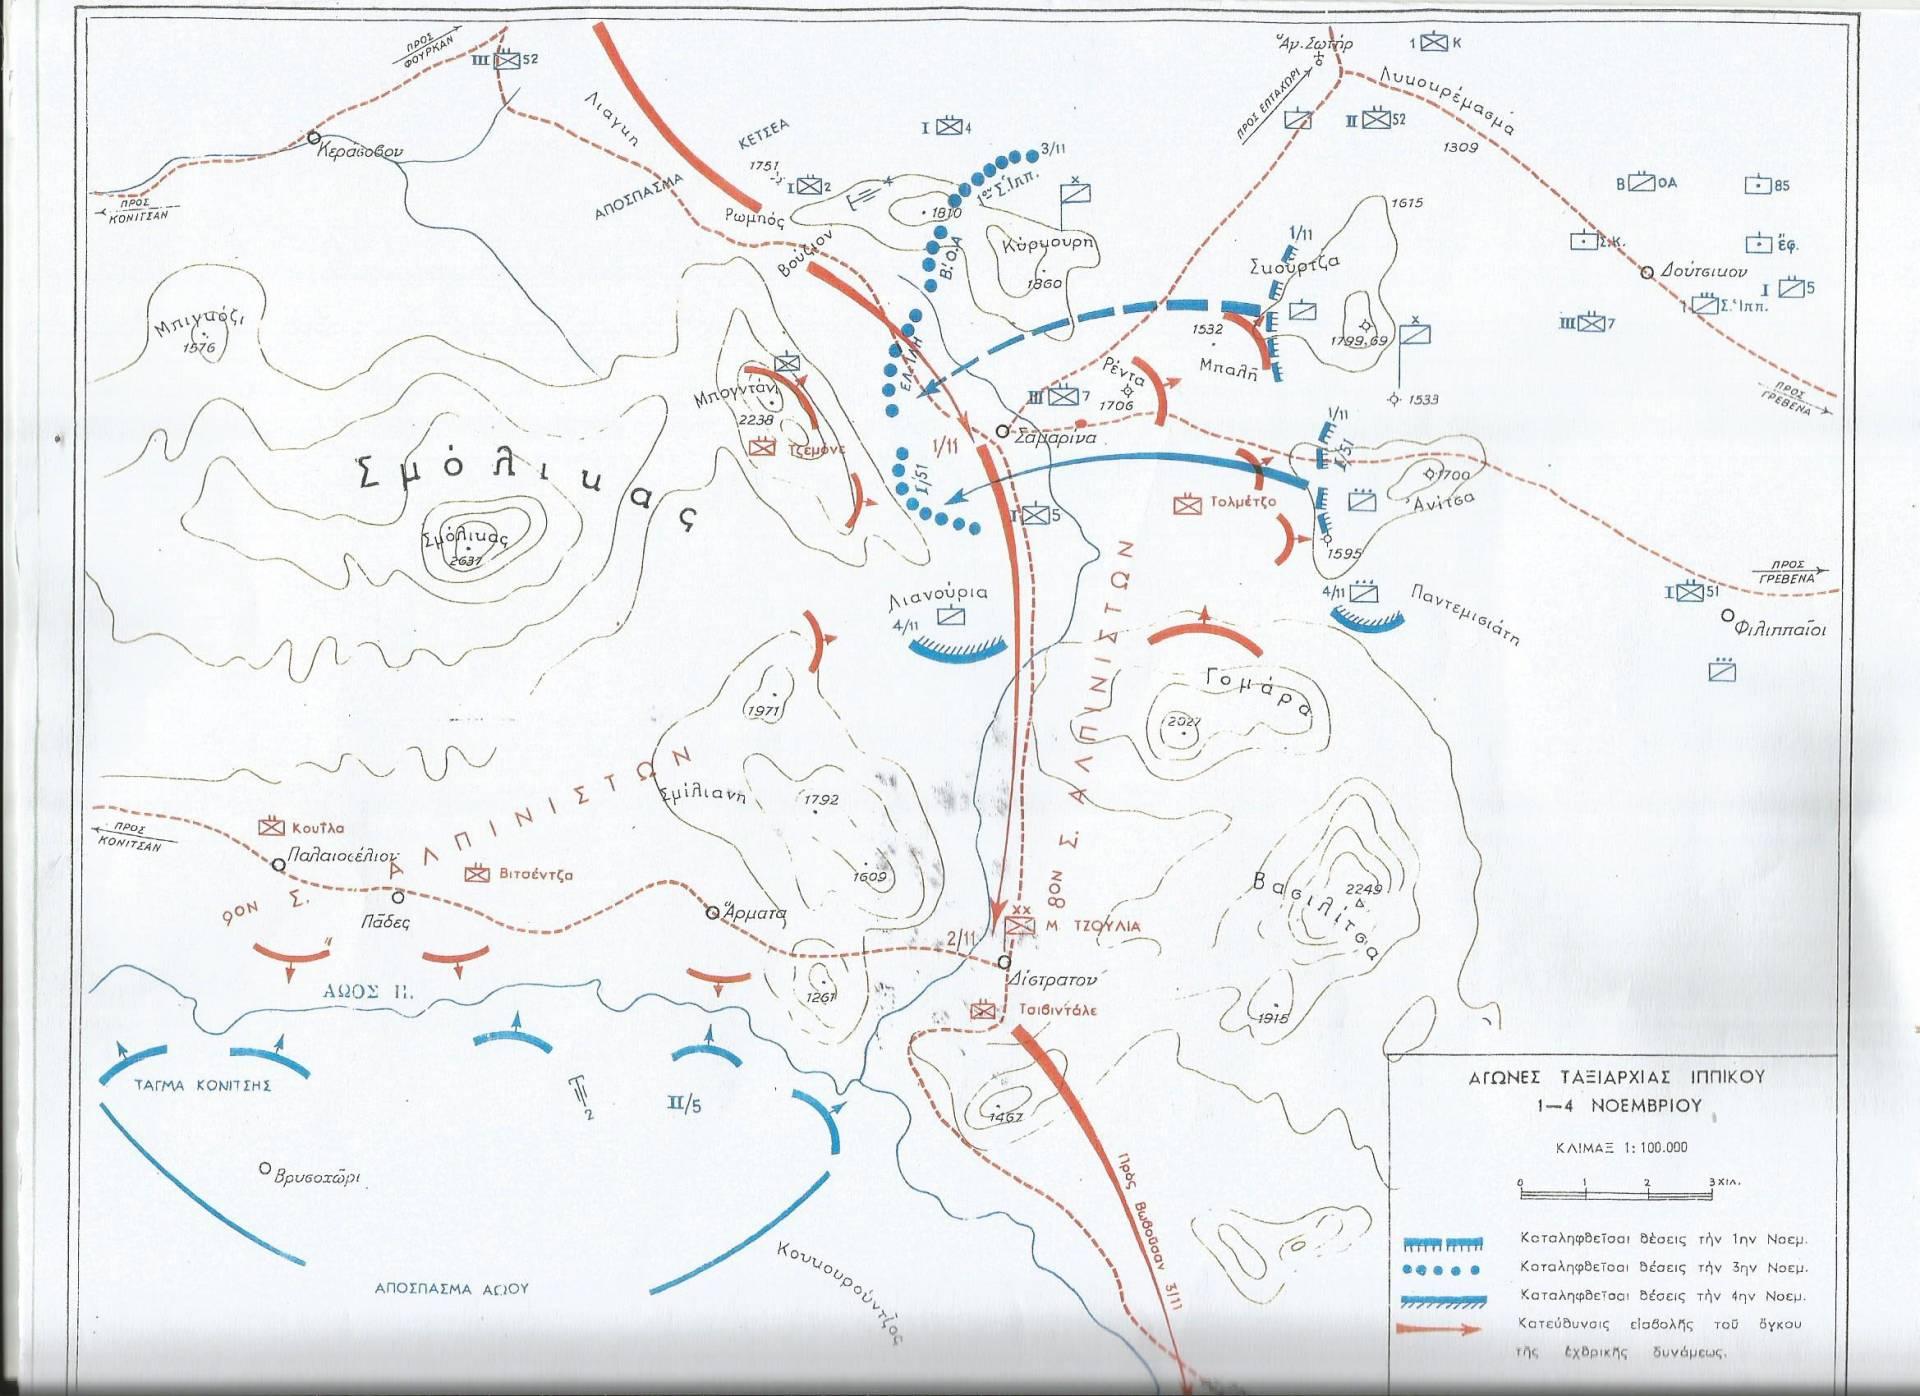 Ο χάρτης της αντεπίθεσης του Ελληνικού Στρατού στην τοποθεσία ΣΚΟΥΡΤΖΑ 1940